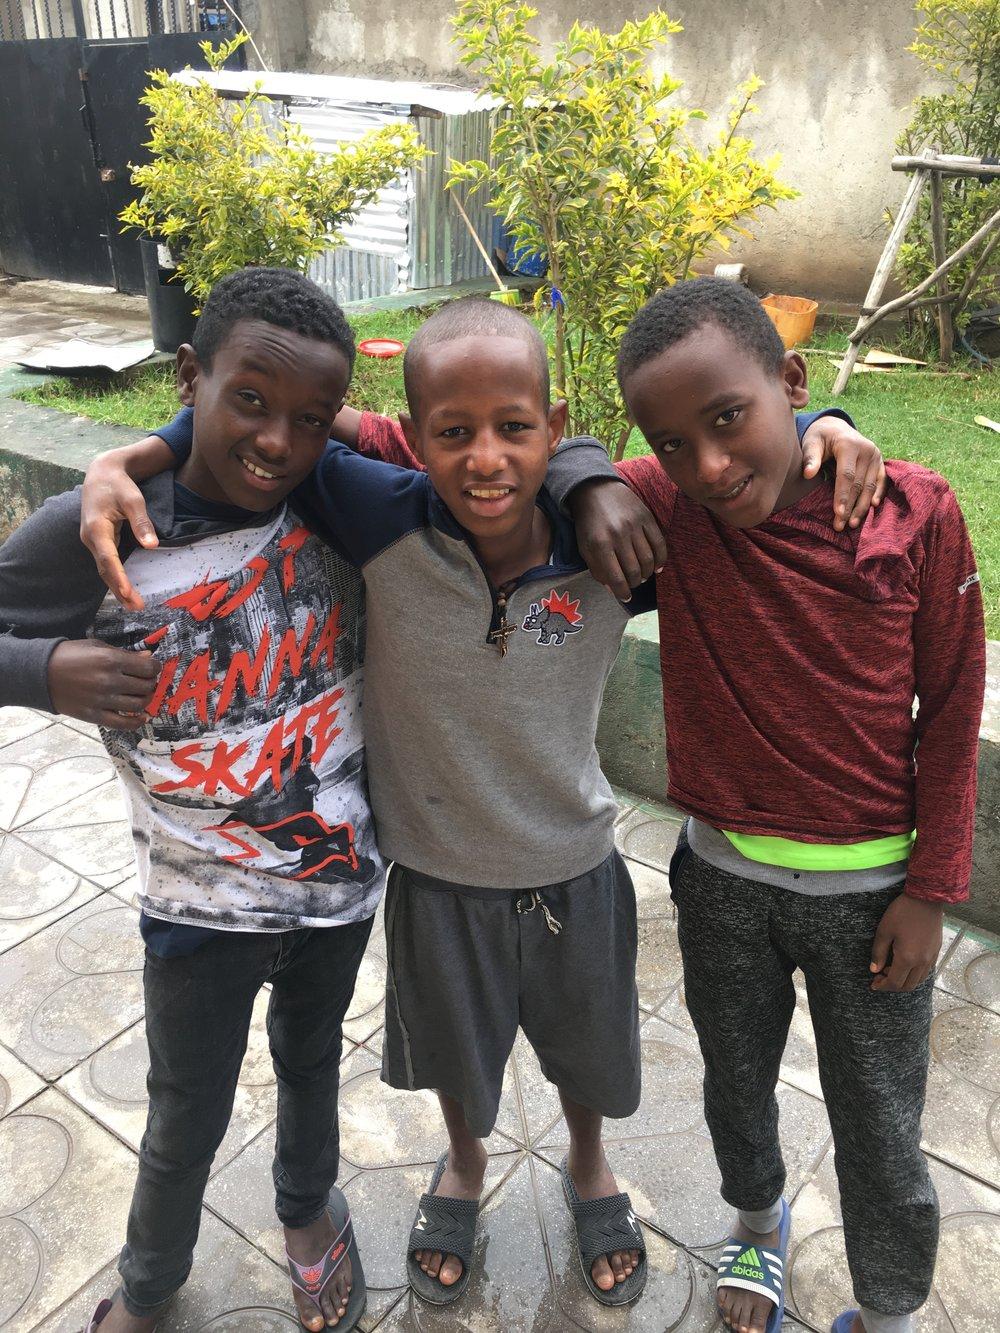 Ashinafi, Naol, and Fekadu